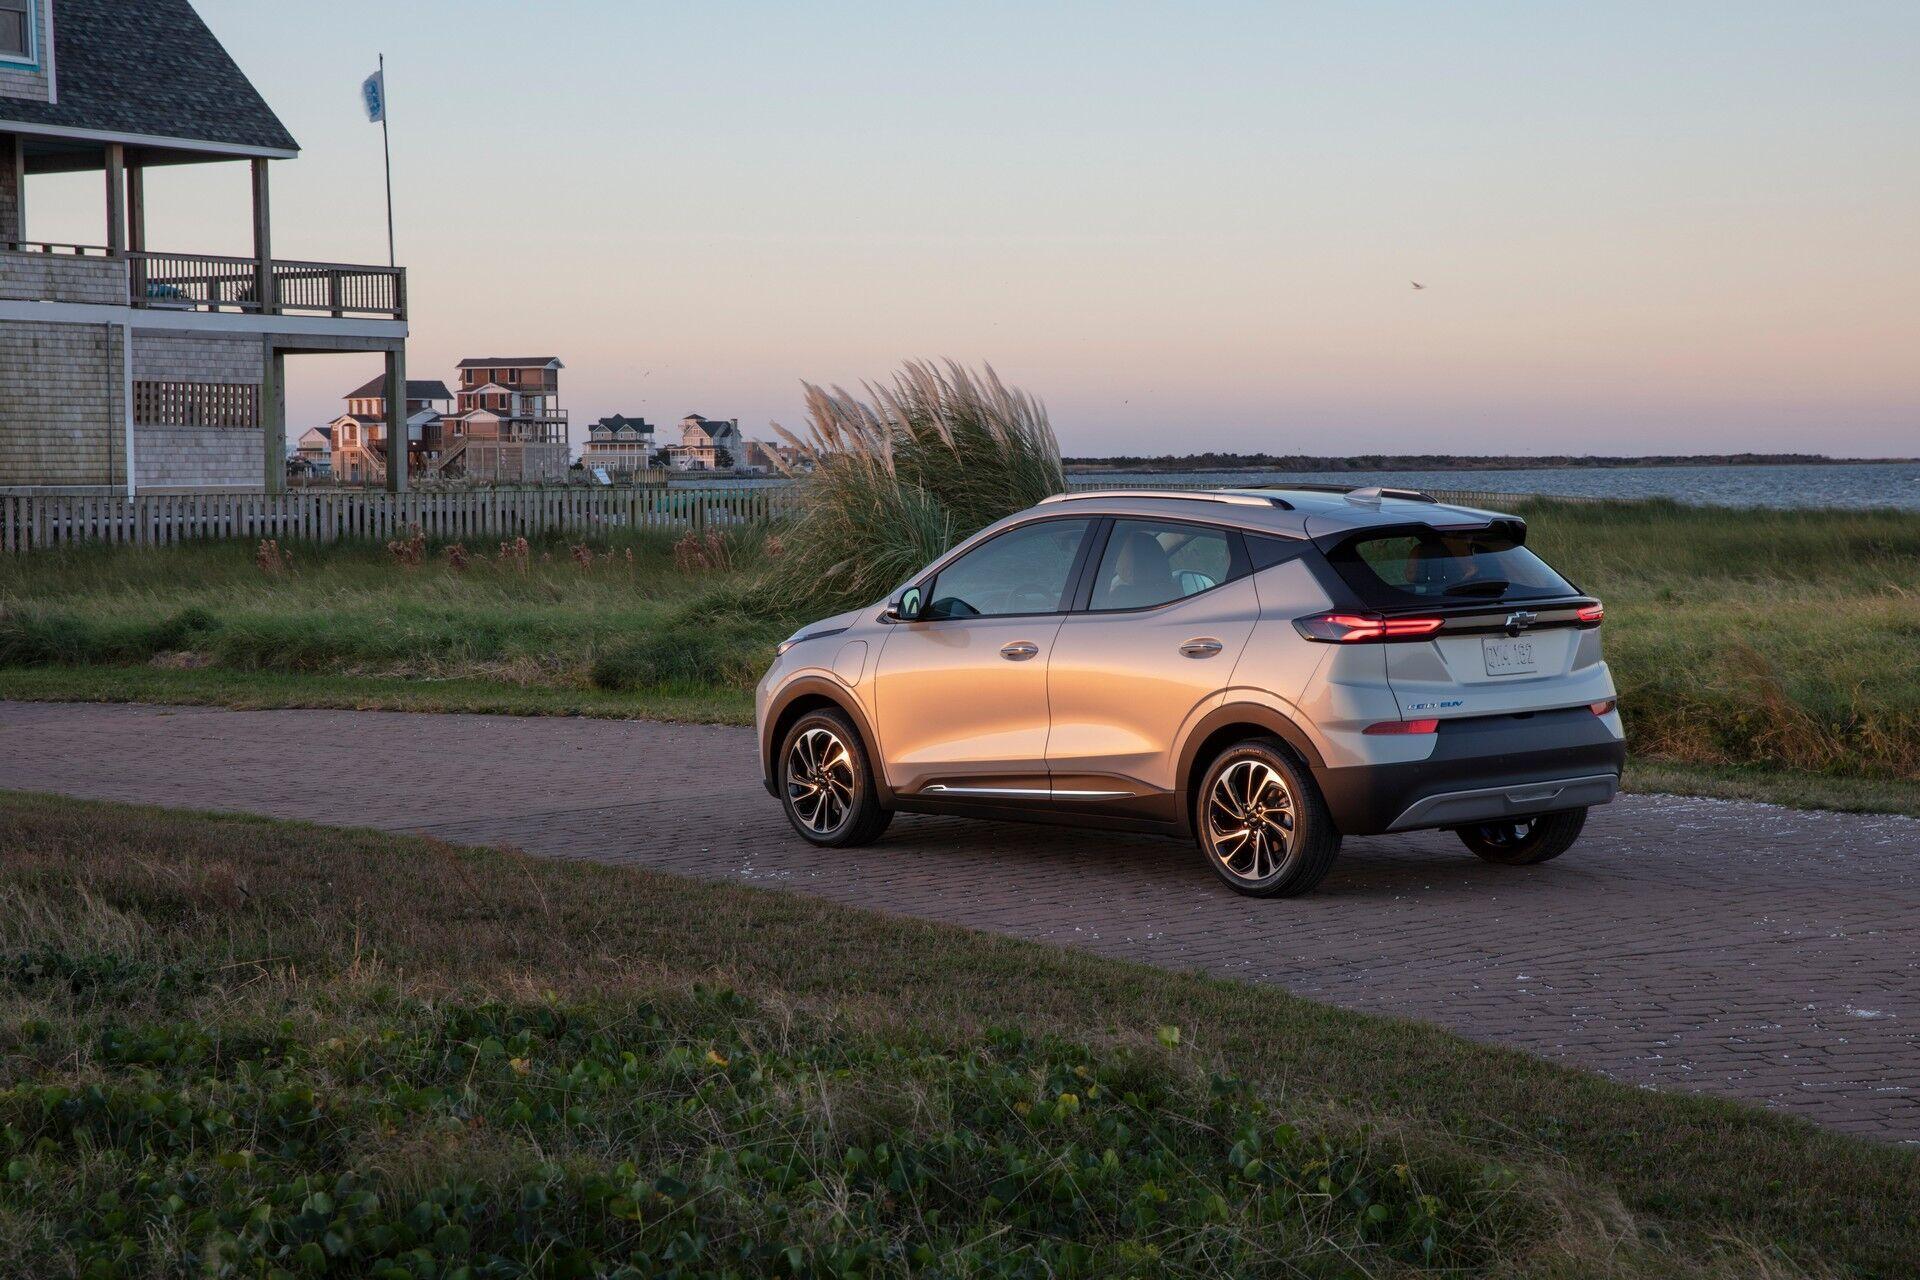 Оба автомобиля оснащены литий-ионной батареи на 65 кВтч, которая питает электромотор мощностью 203 л.с. и моментом 360 Нм